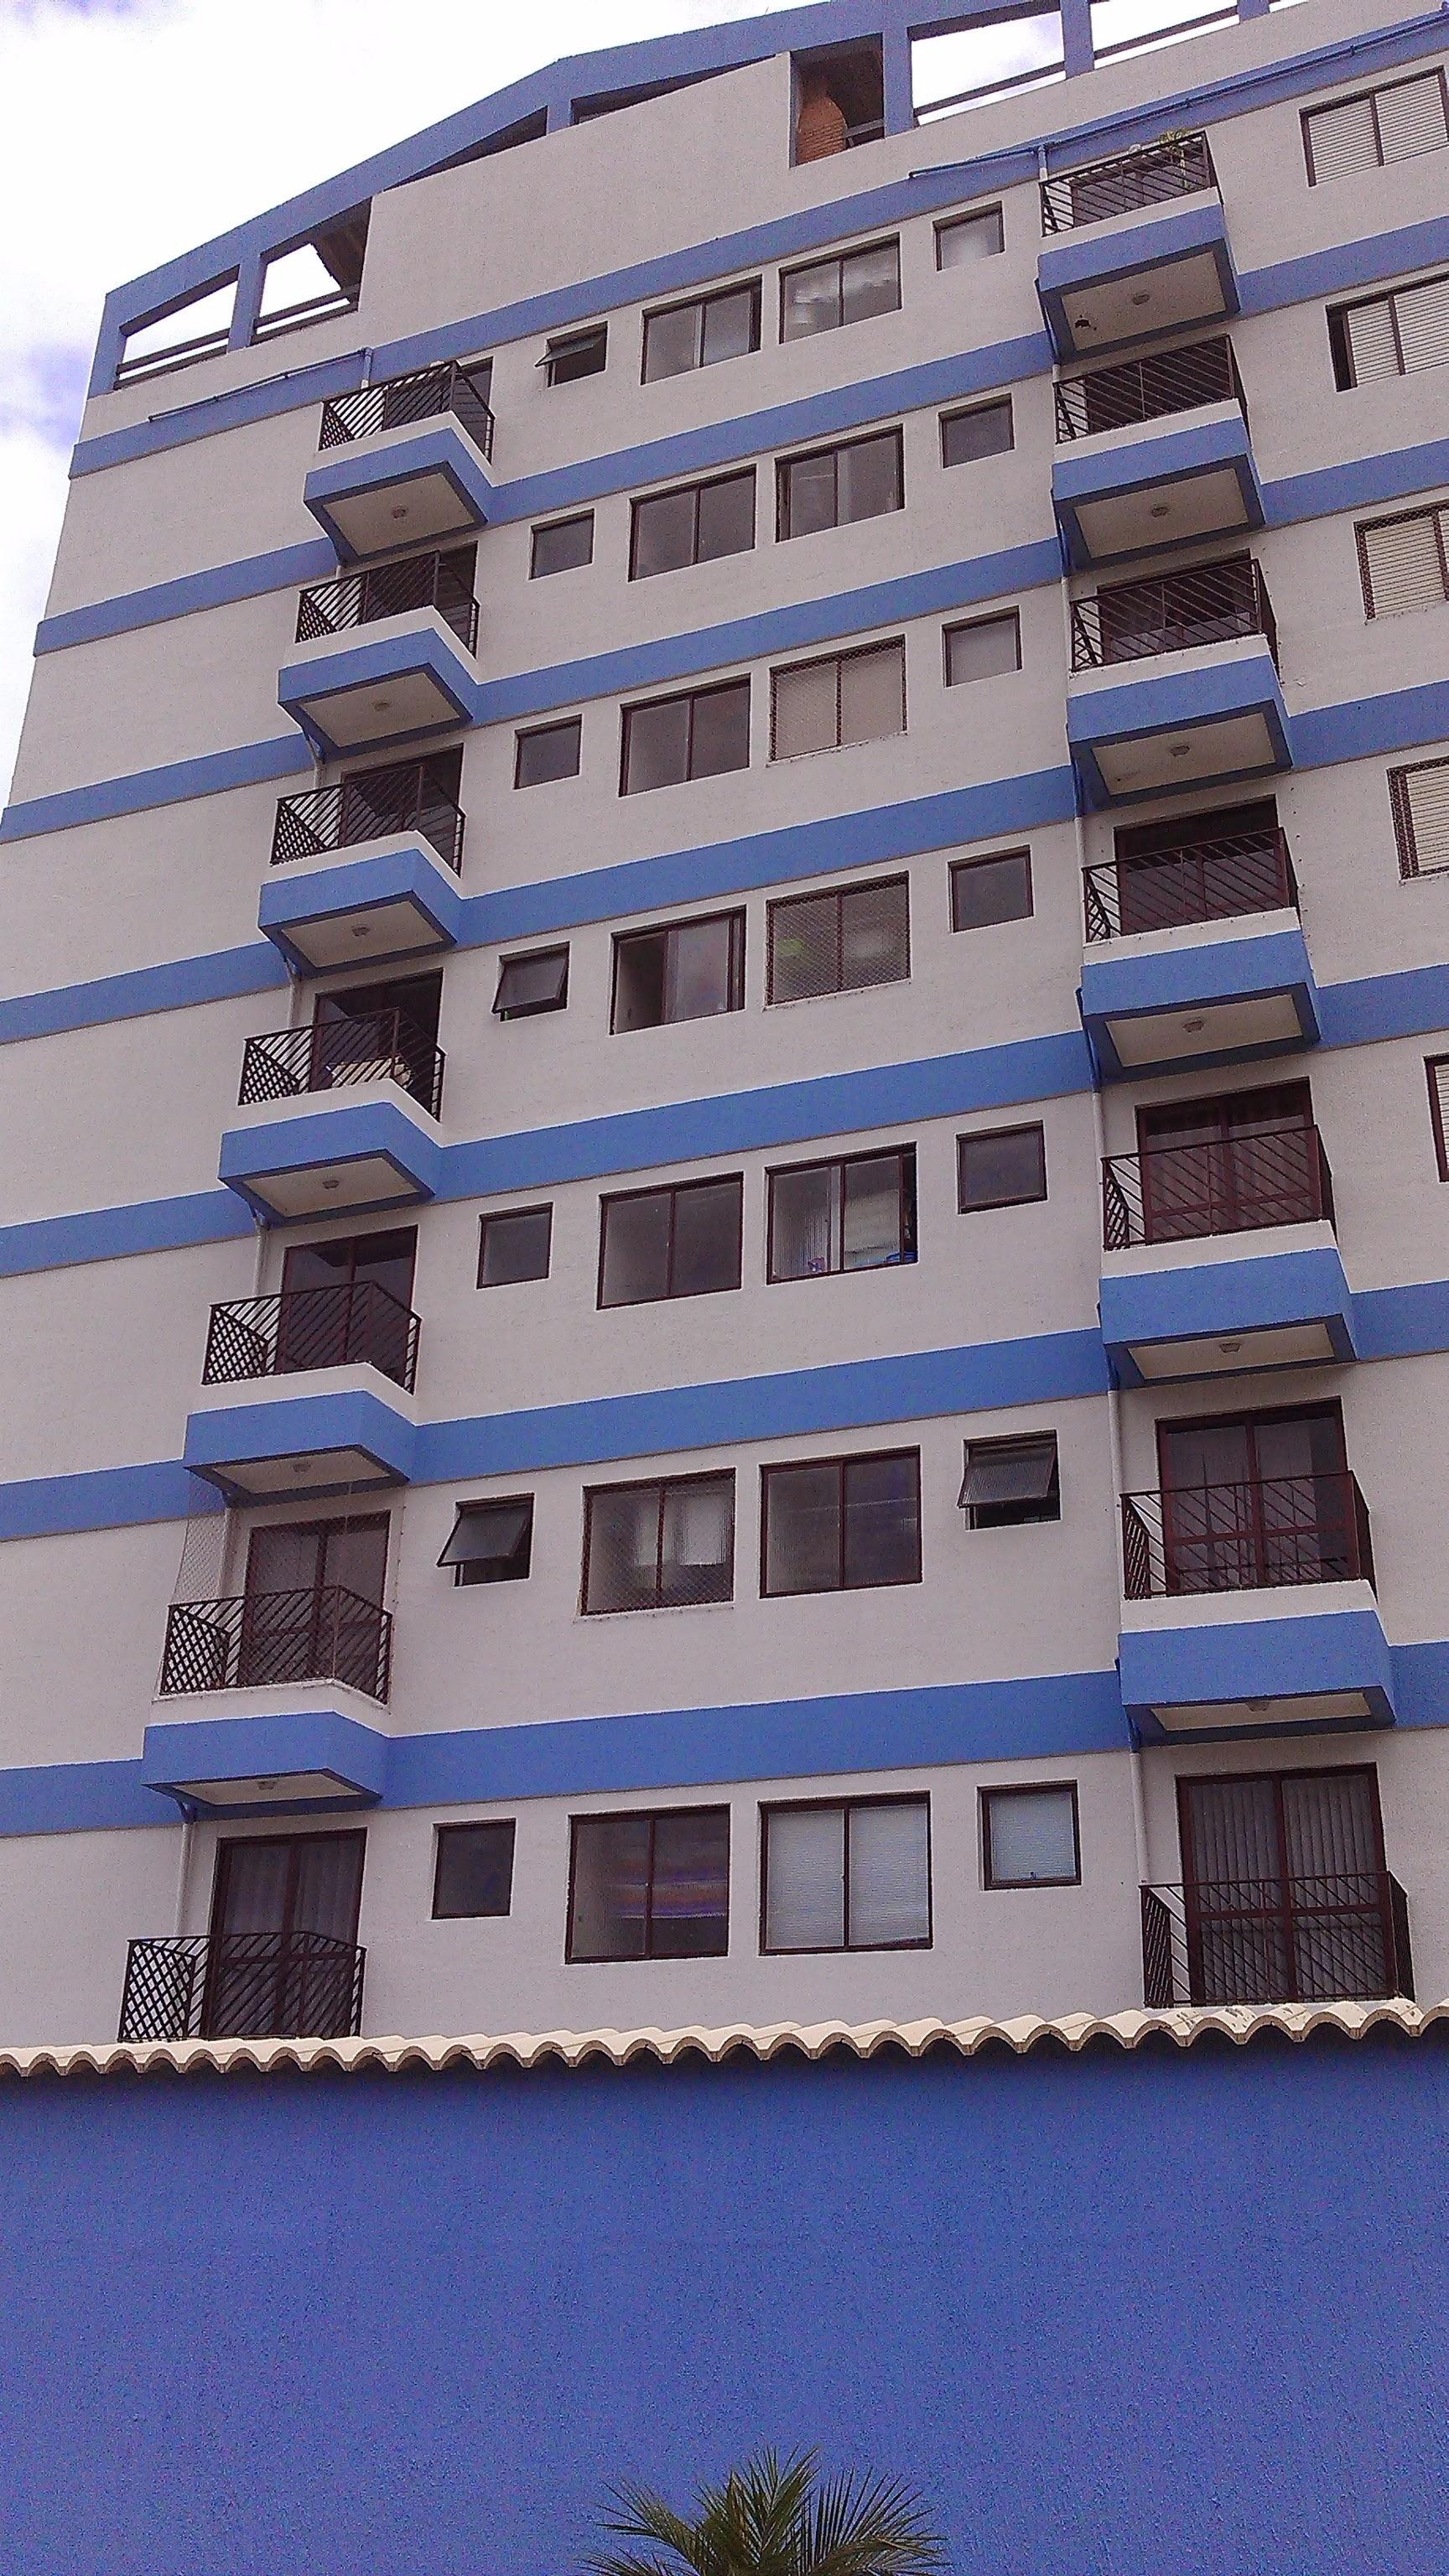 comprar ou alugar apartamento no bairro massaguacu na cidade de caraguatatuba-sp